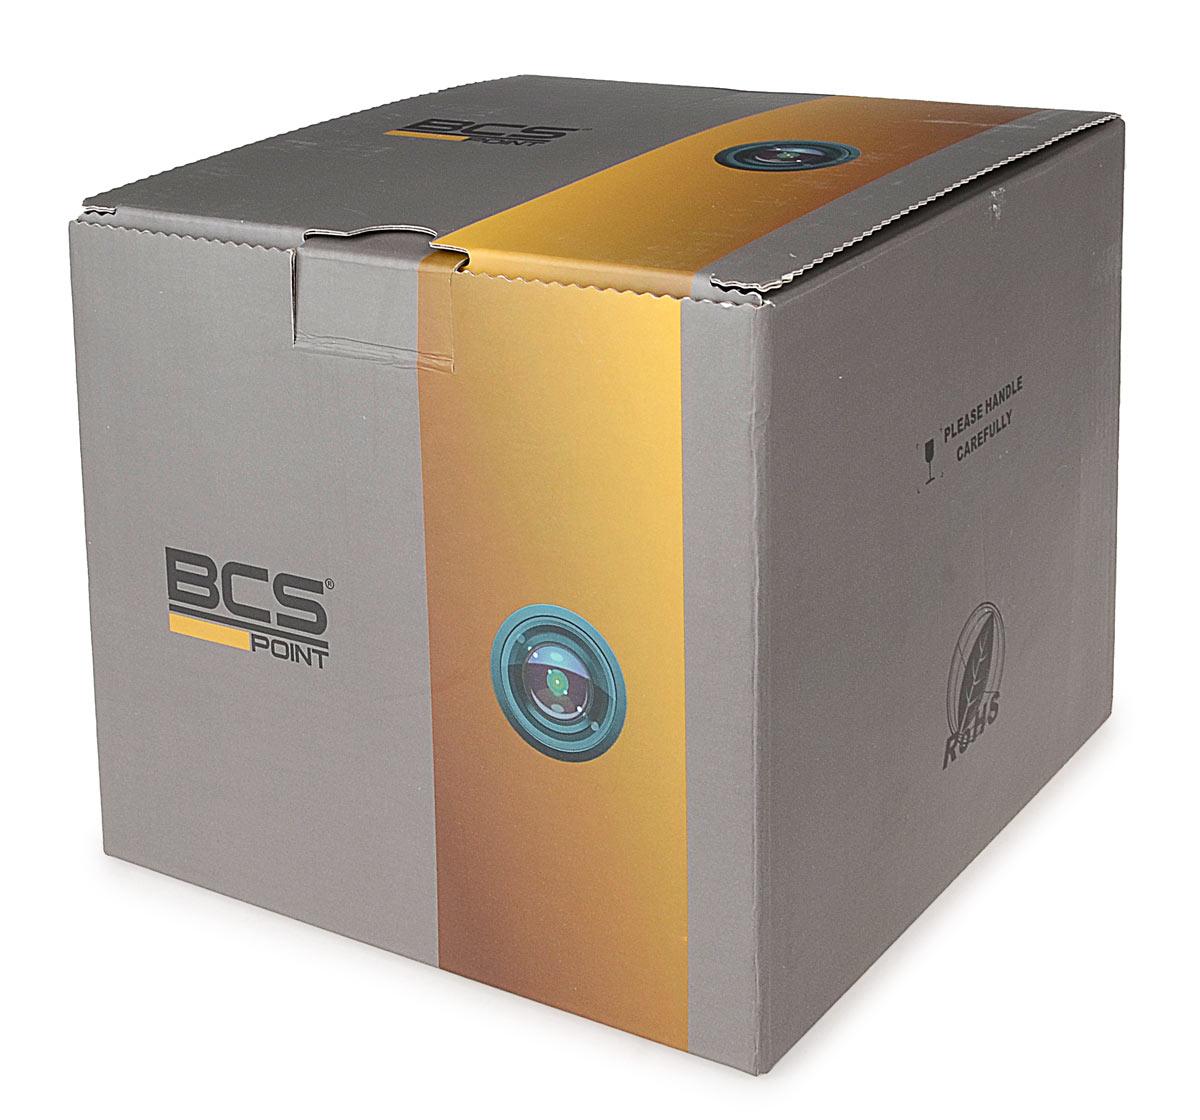 Opakowanie kamery BCS-P232R3S